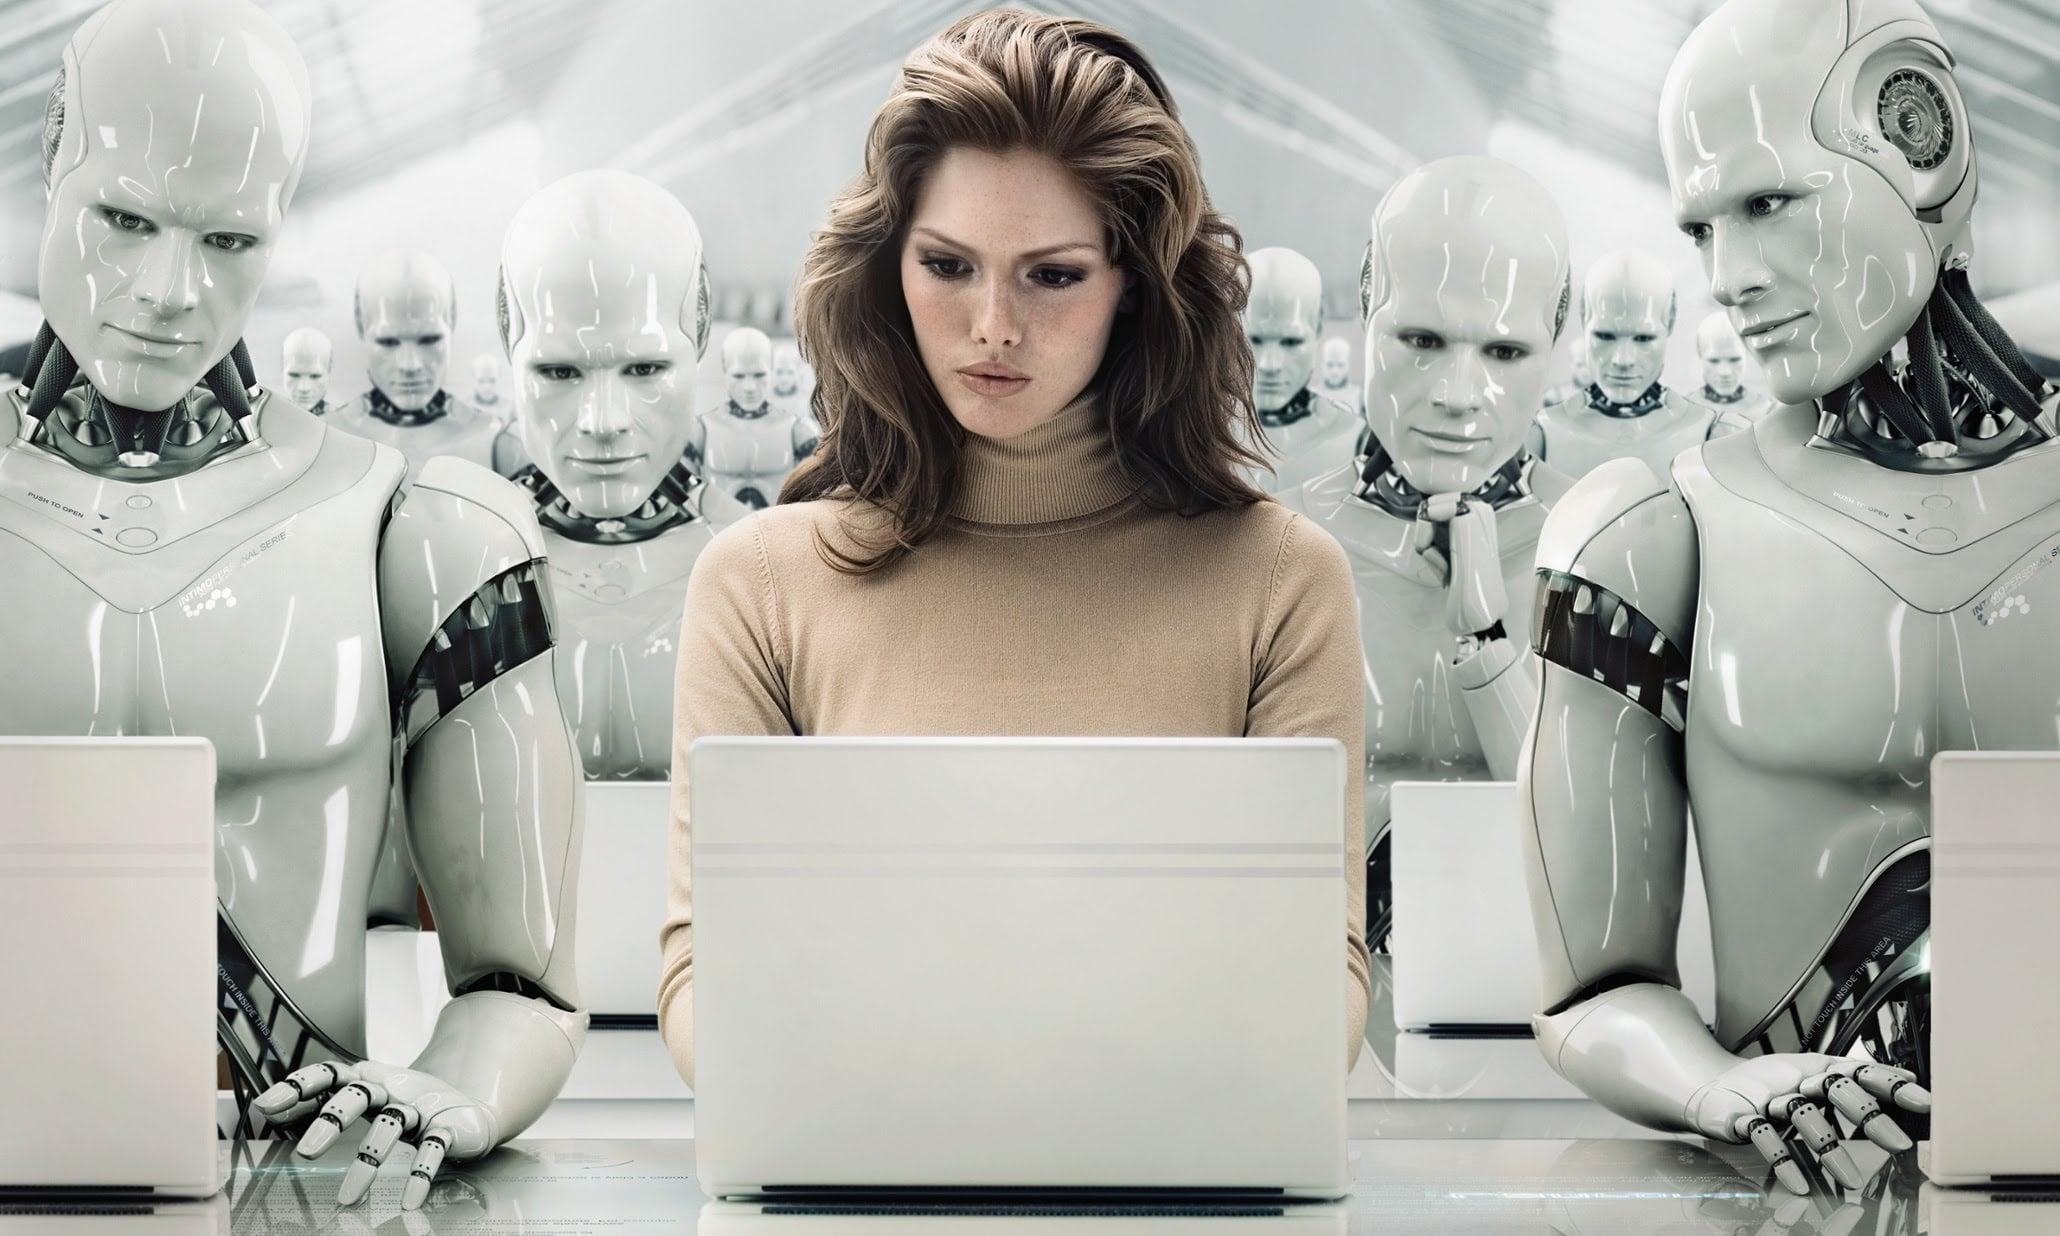 Dlaczego maszyny jeszcze nie rządzą światem, czyli rzecz o sztucznej inteligencji 29